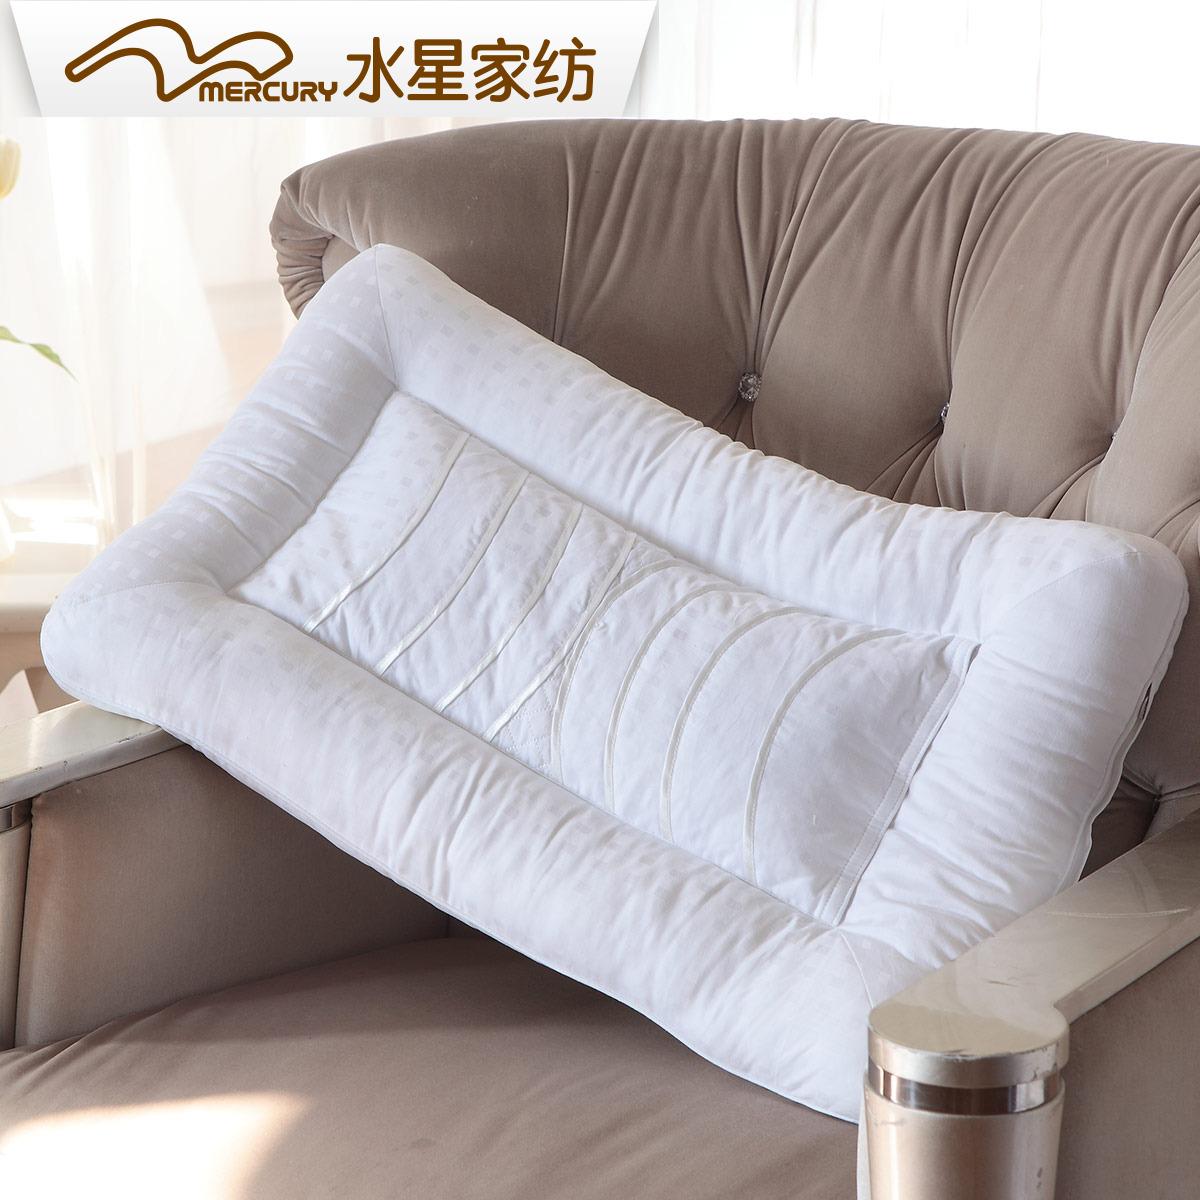 水星家纺决明子枕头一只装正品成人枕芯护颈枕睡眠单人装家用